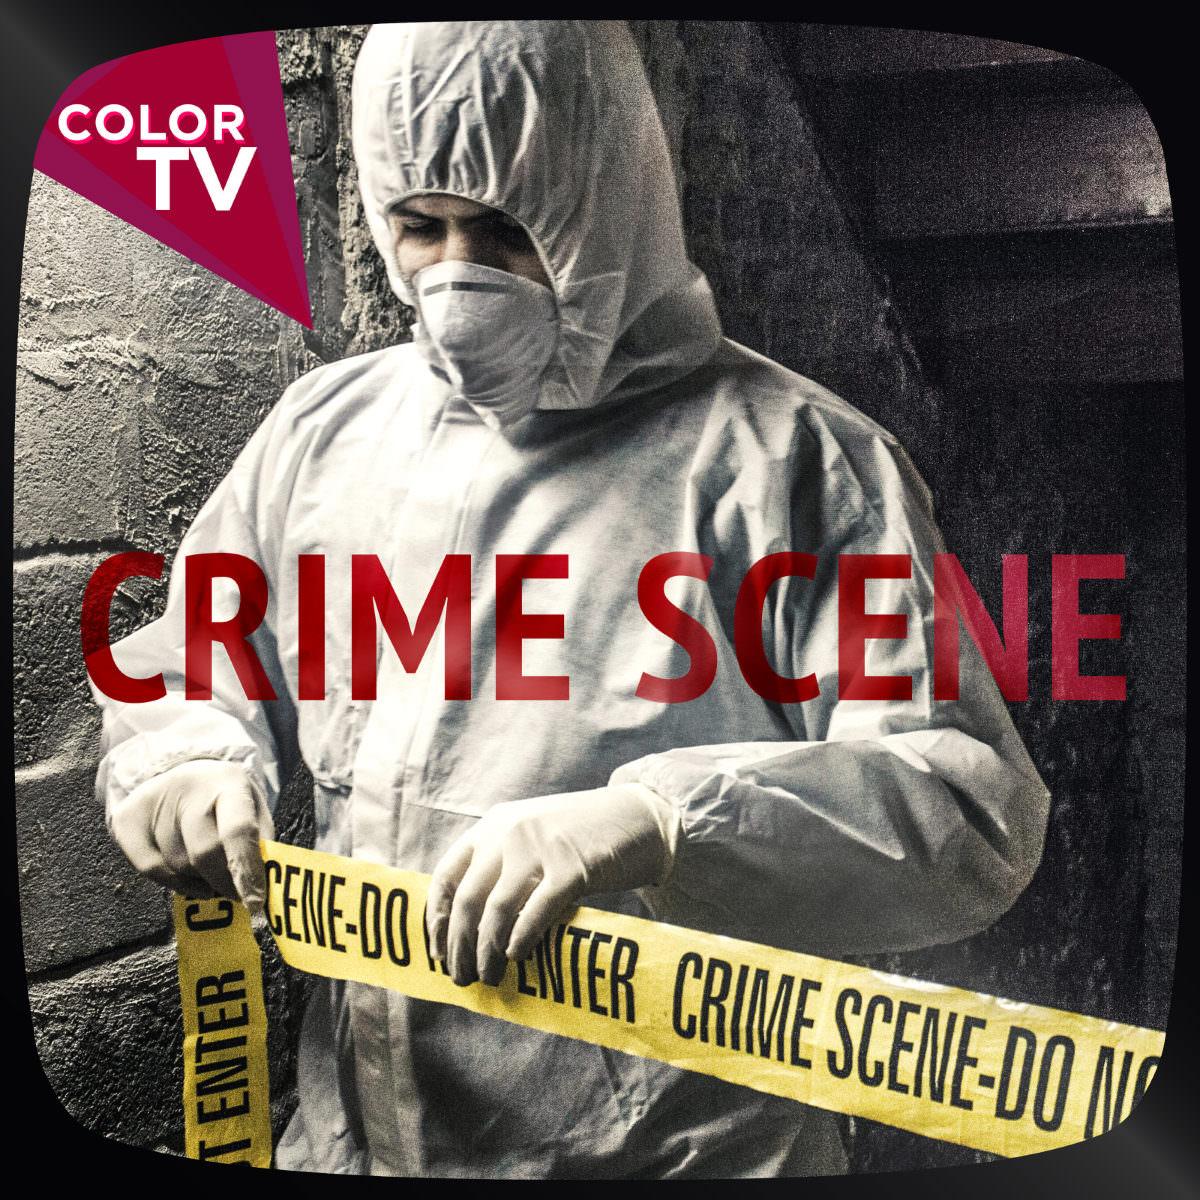 crimescene-h1200